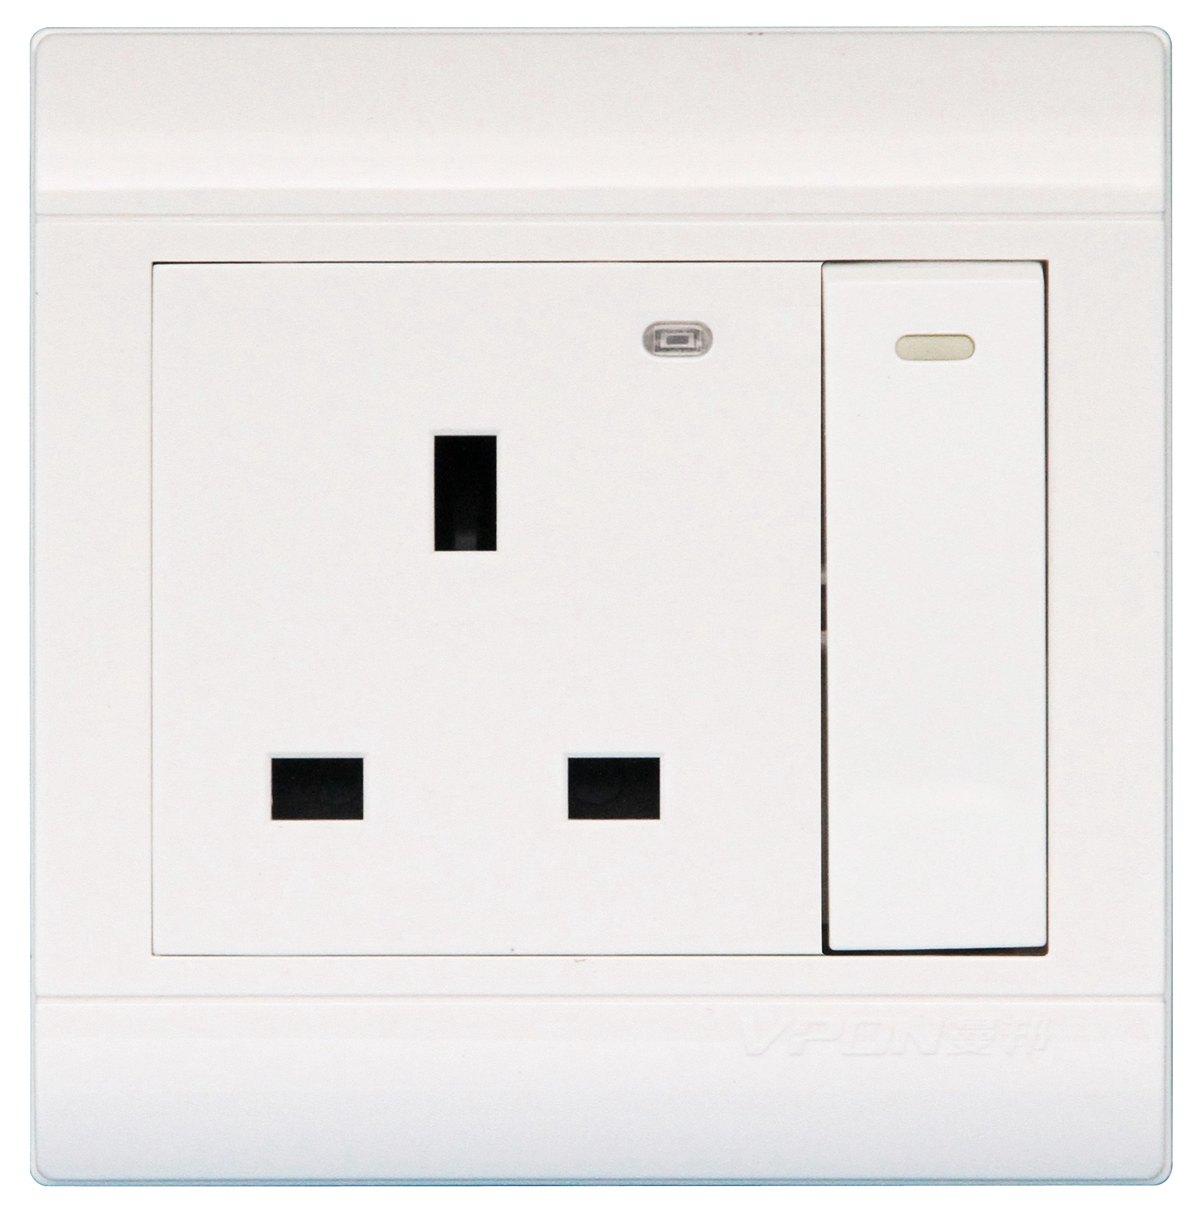 双闸大板开关13A方脚插座带指示灯